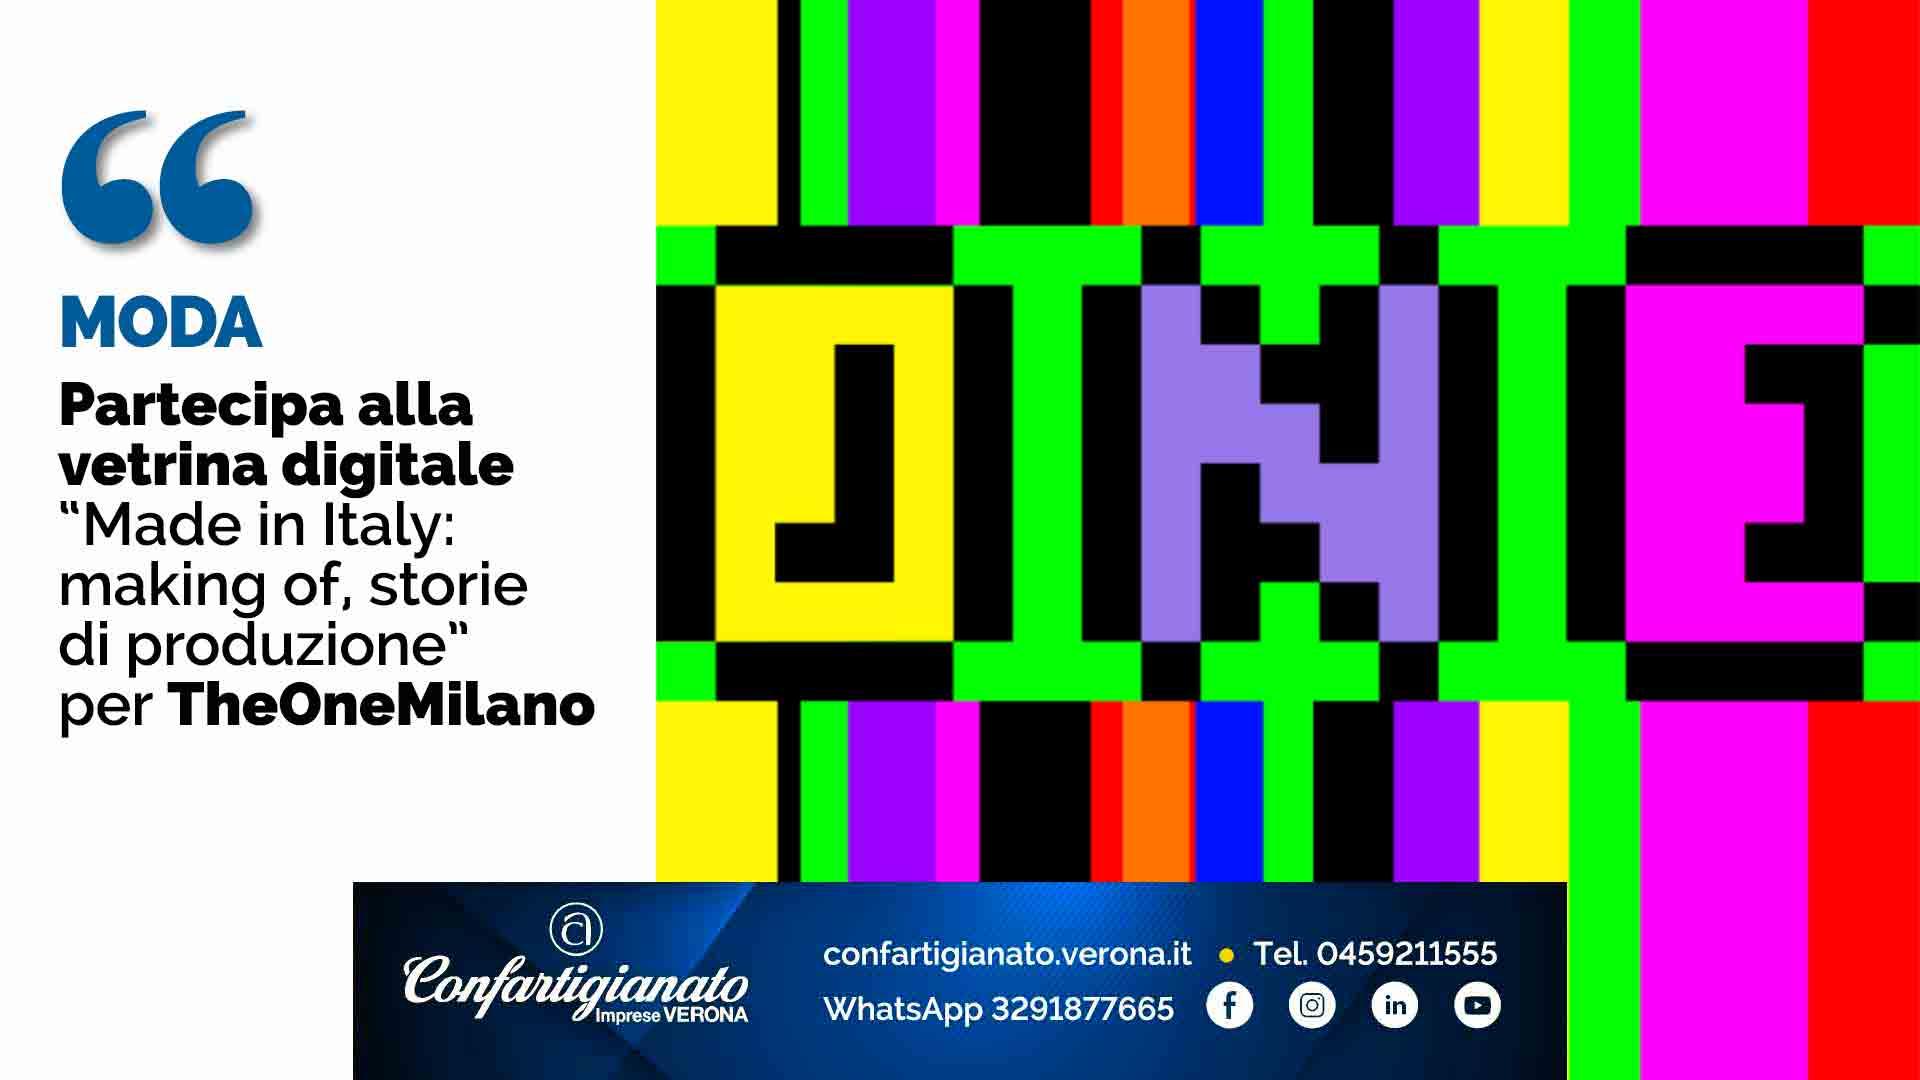 """MODA – Partecipa alla vetrina digitale """"Made in Italy: making of, storie di produzione"""" per TheOneMilano"""